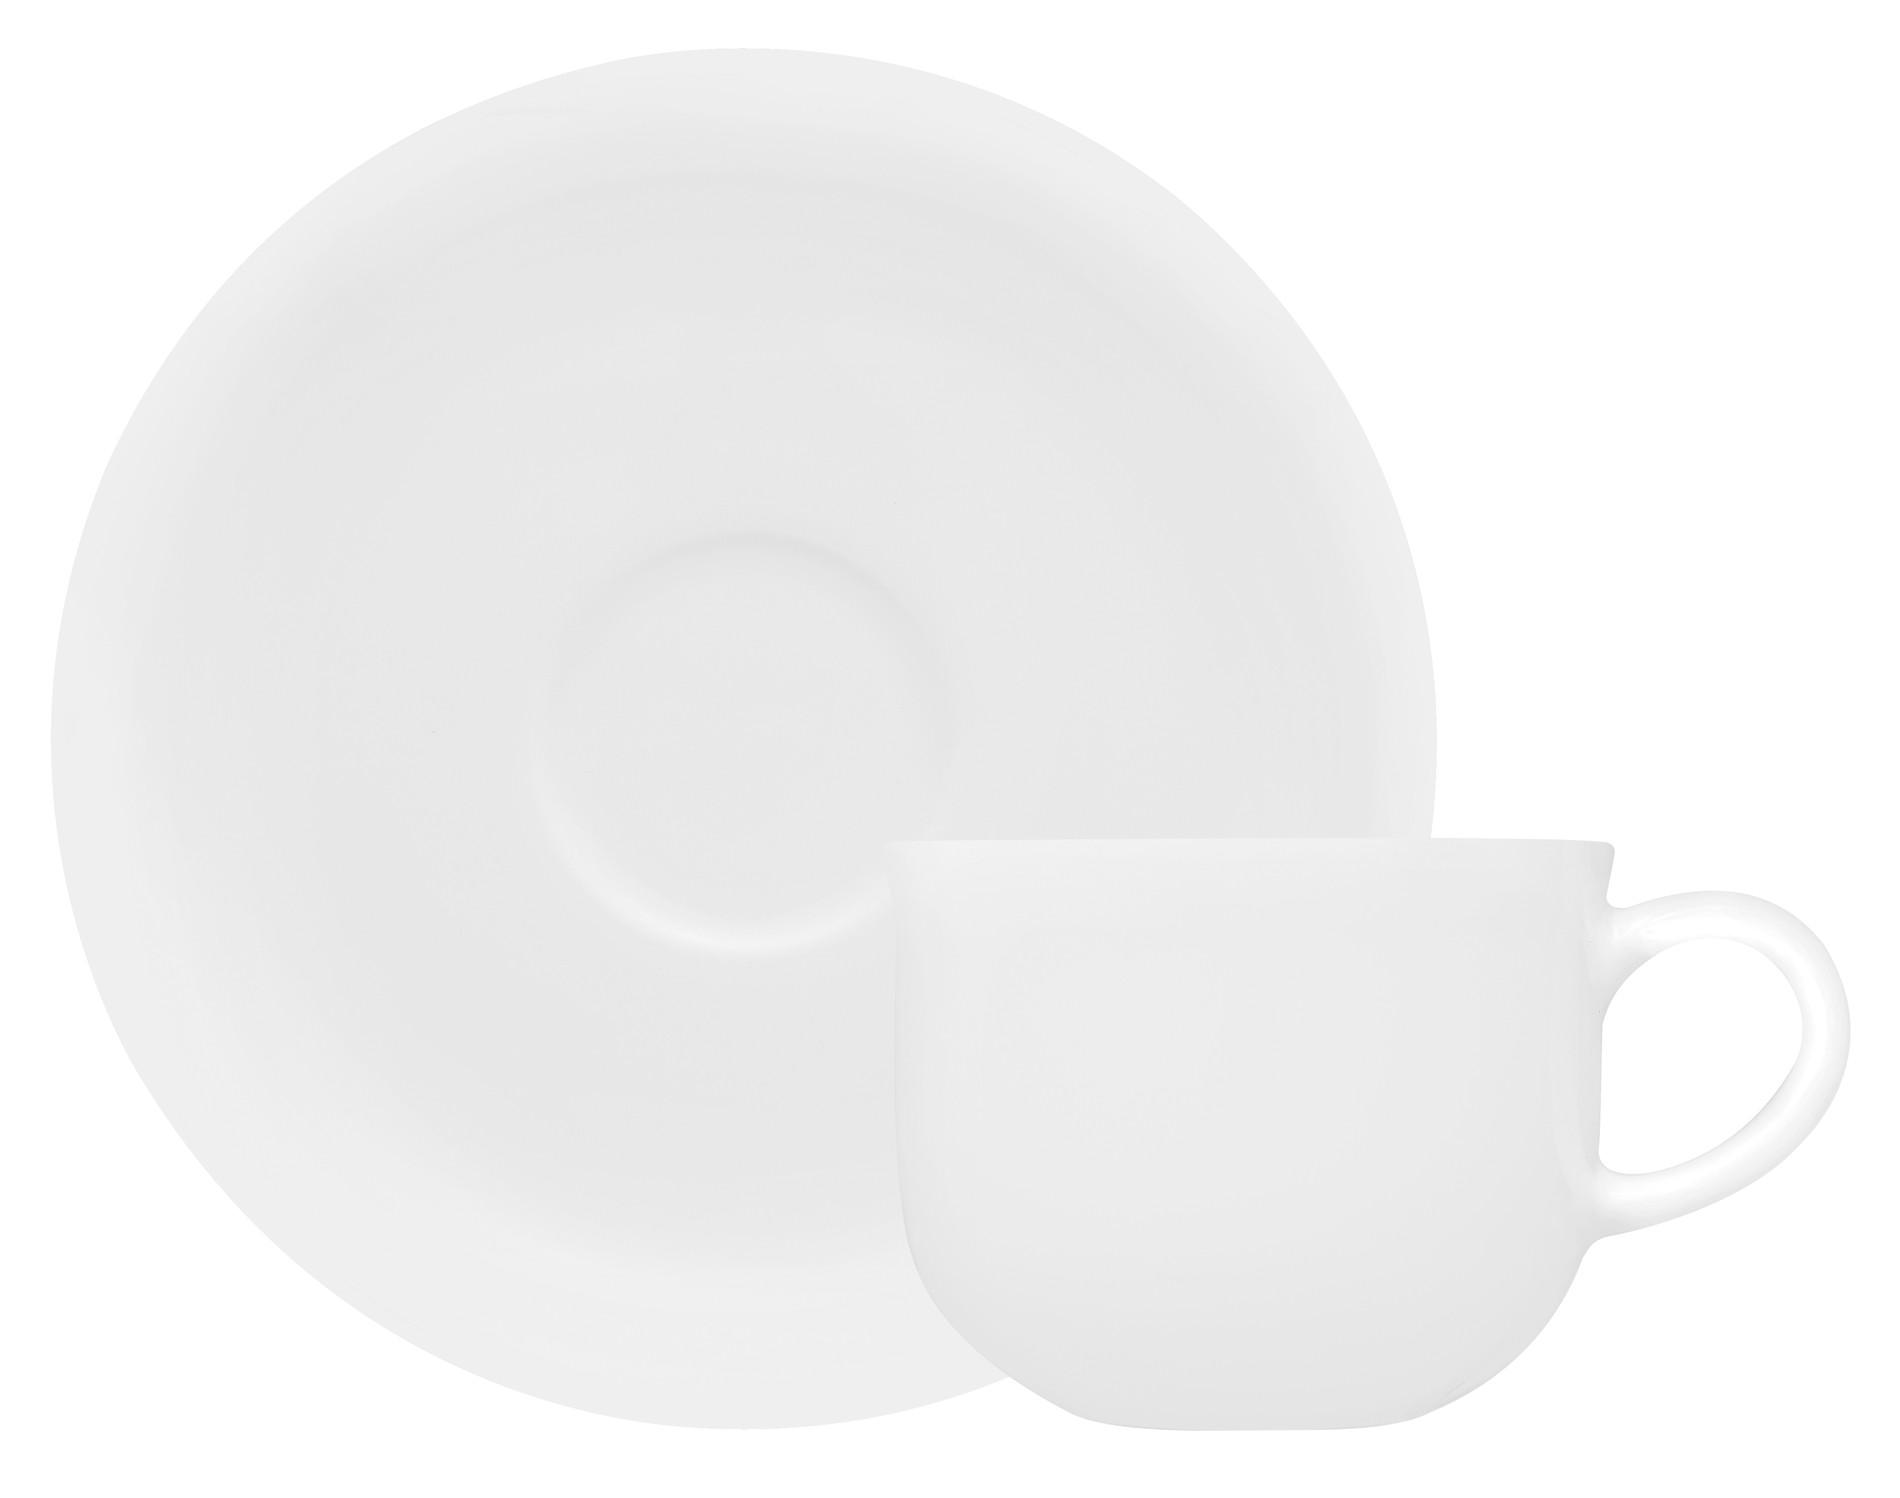 Φλυτζάνι & Πιάτο Καφέ Silk Bone China Σετ 6τμχ Ionia home   ειδη cafe τσαϊ   κούπες   φλυτζάνια